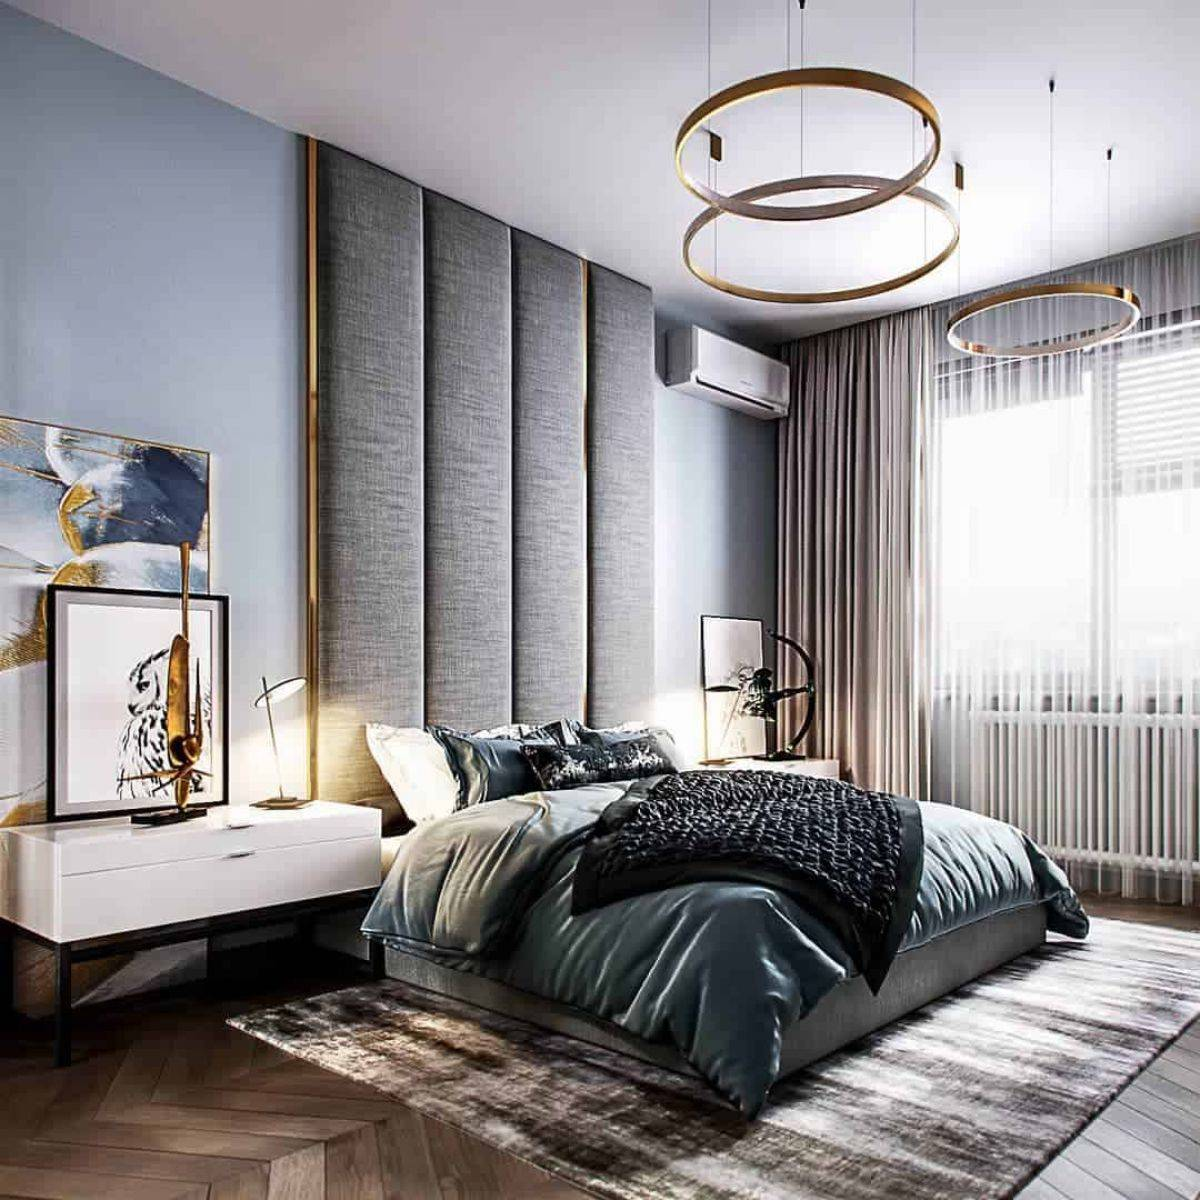 Модный дизайн спальни 2020 — тенденции в оформлении интерьера спальни